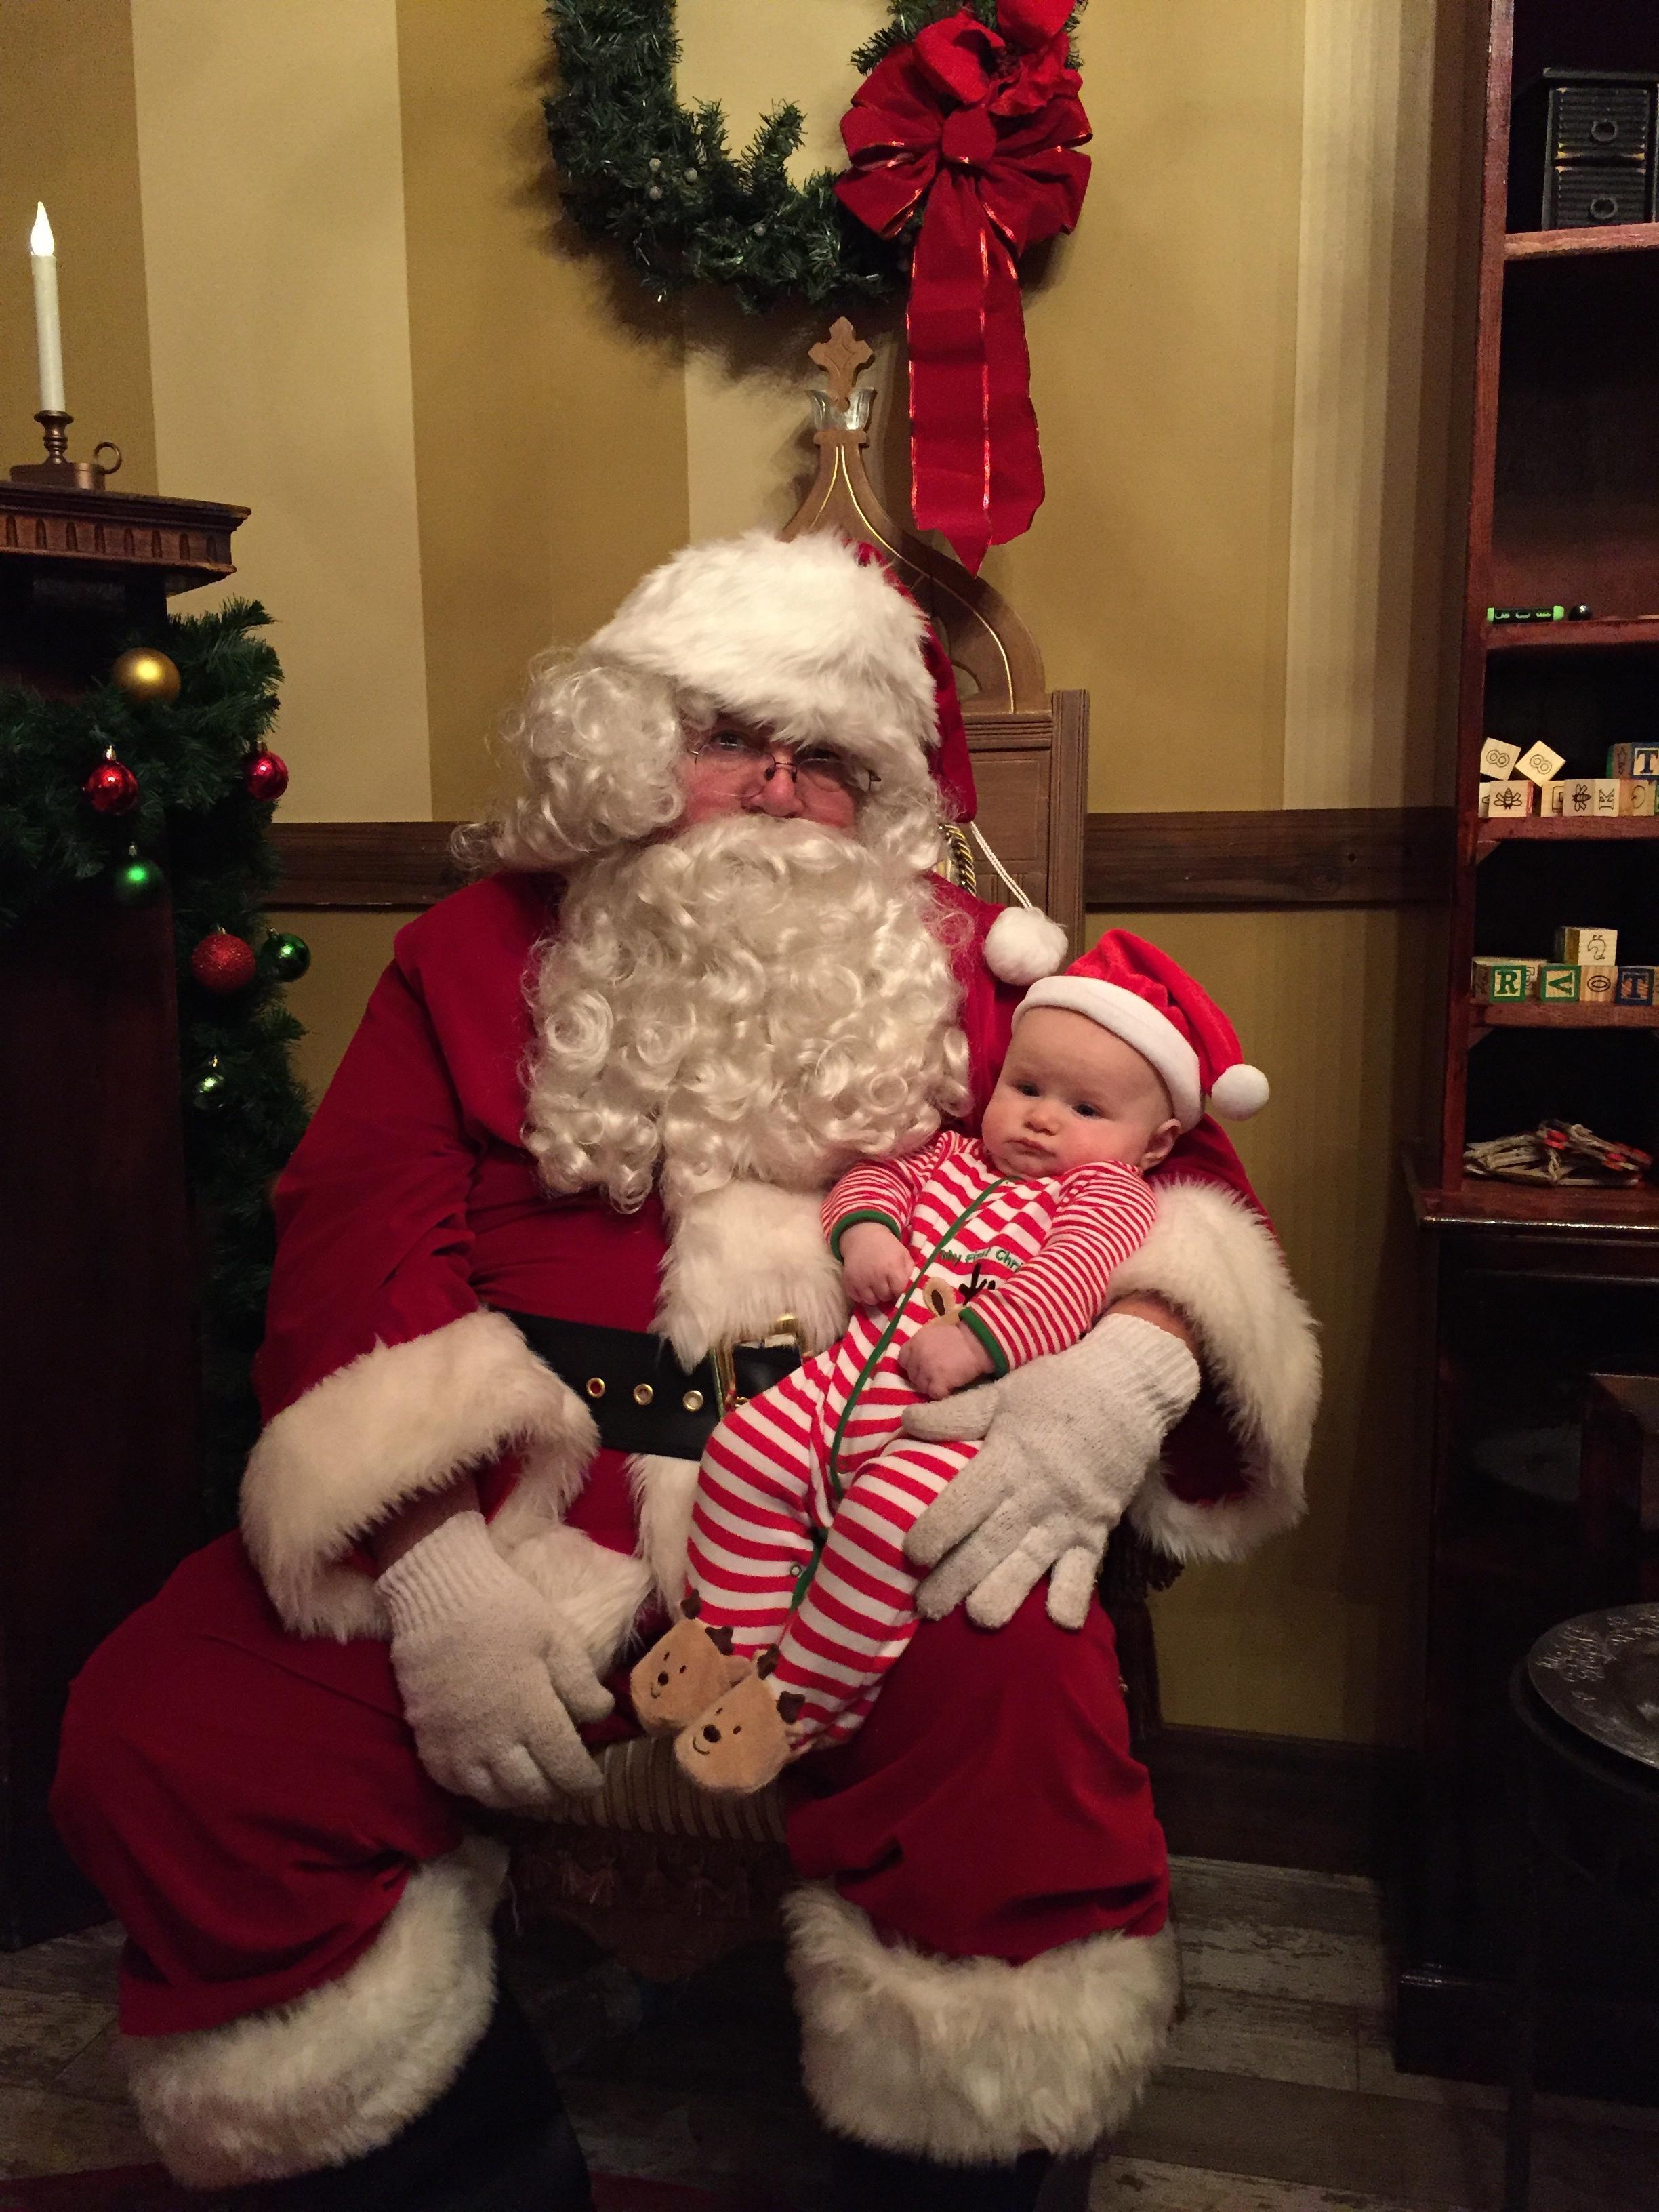 Underwhelmed by Santa since 2015.